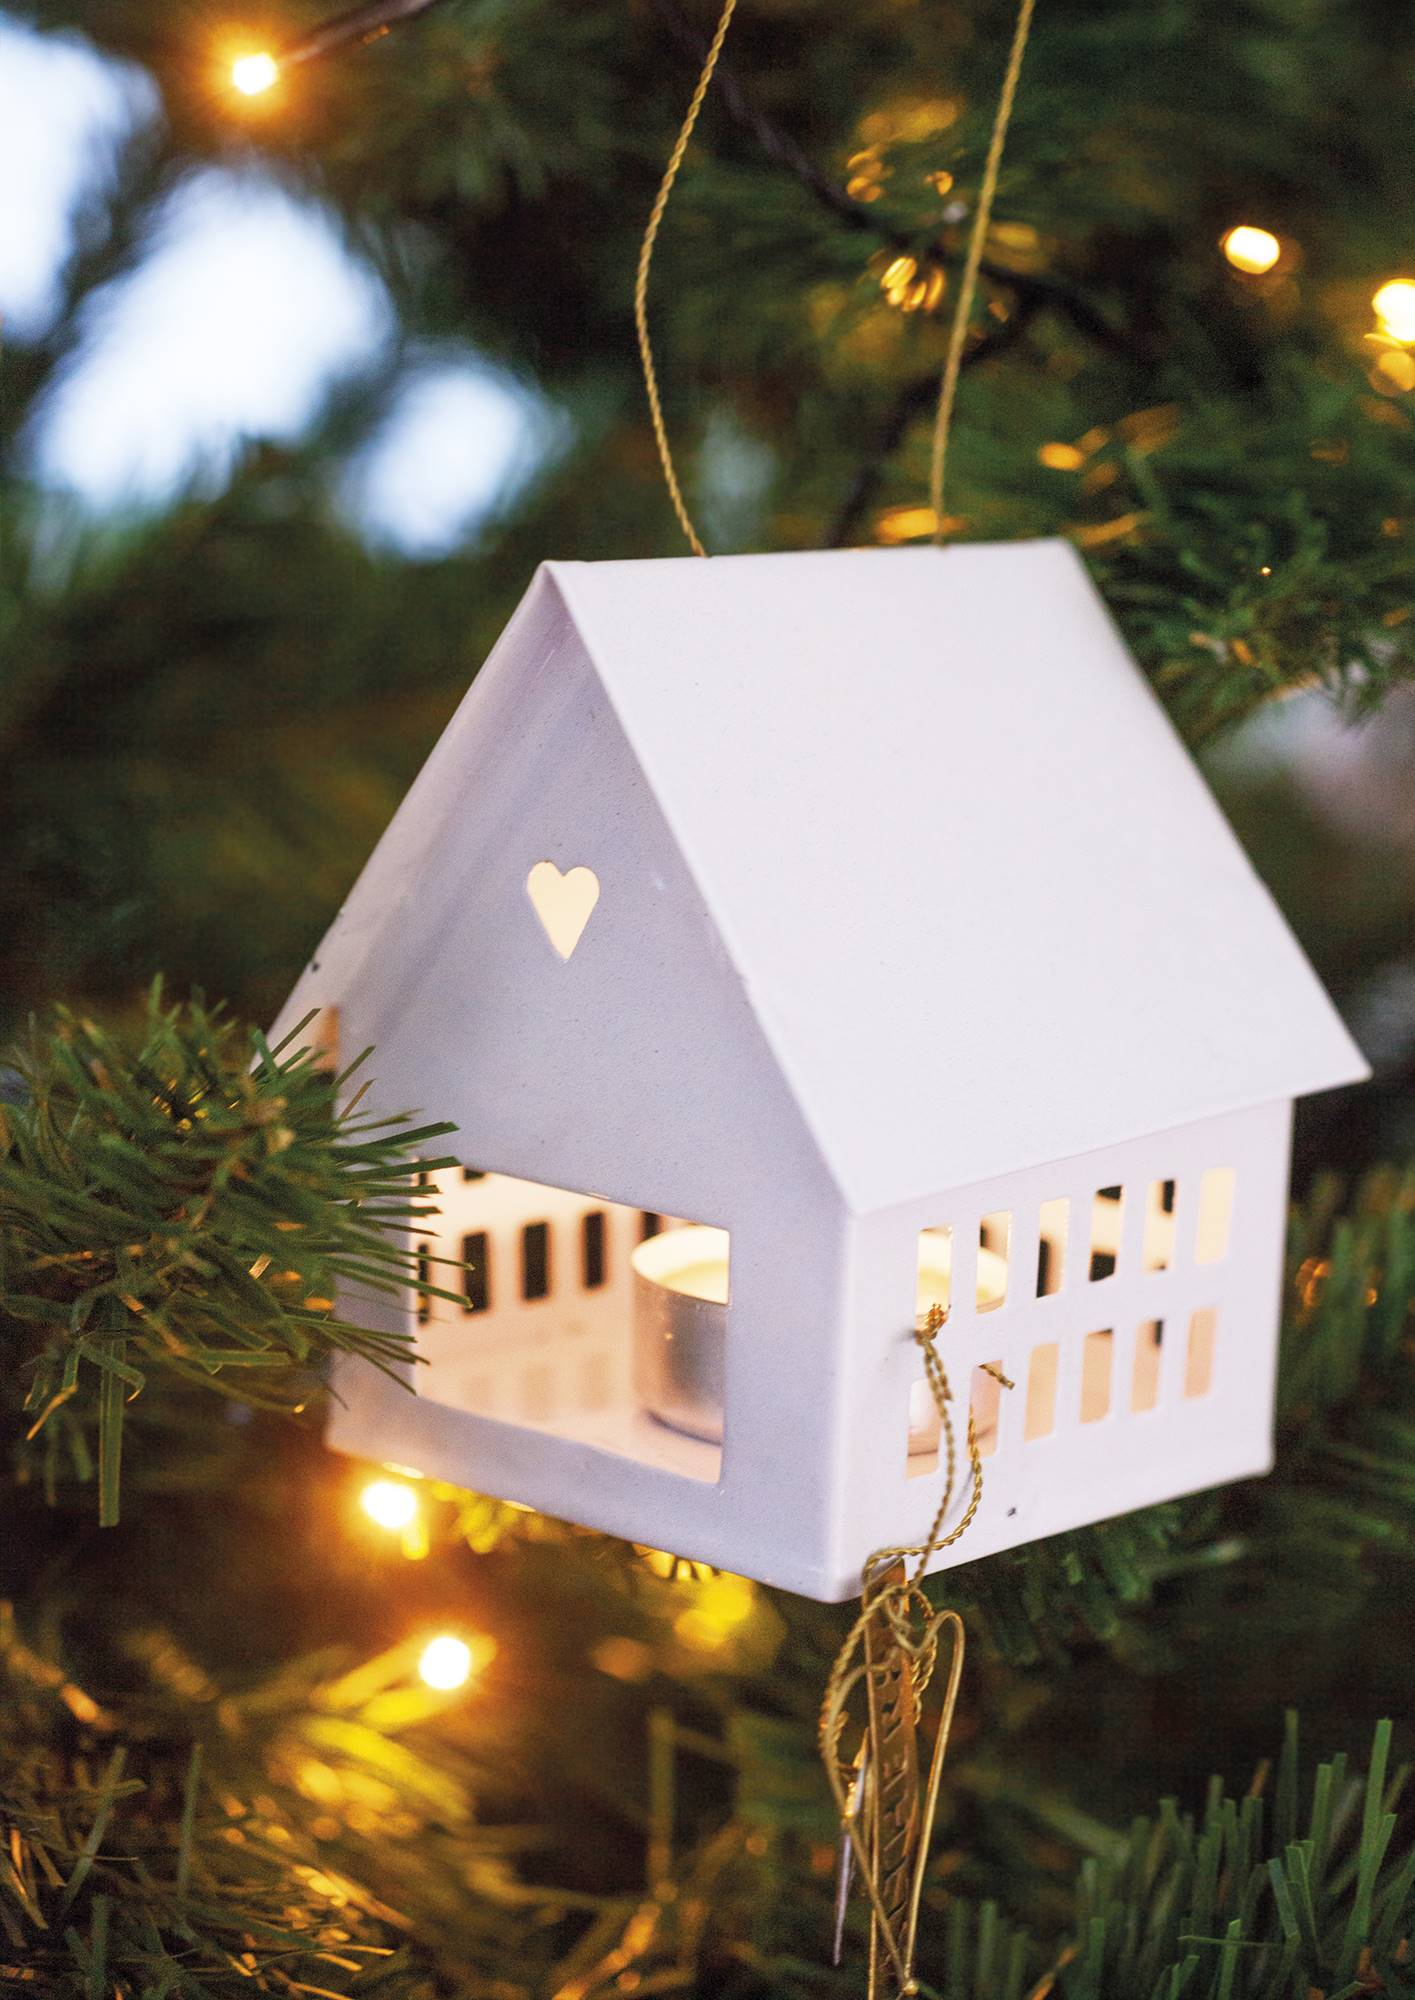 Căn nhà bừng sáng lung linh mùa Giáng sinh nhờ khéo mix đồ trang trí - Ảnh 3.